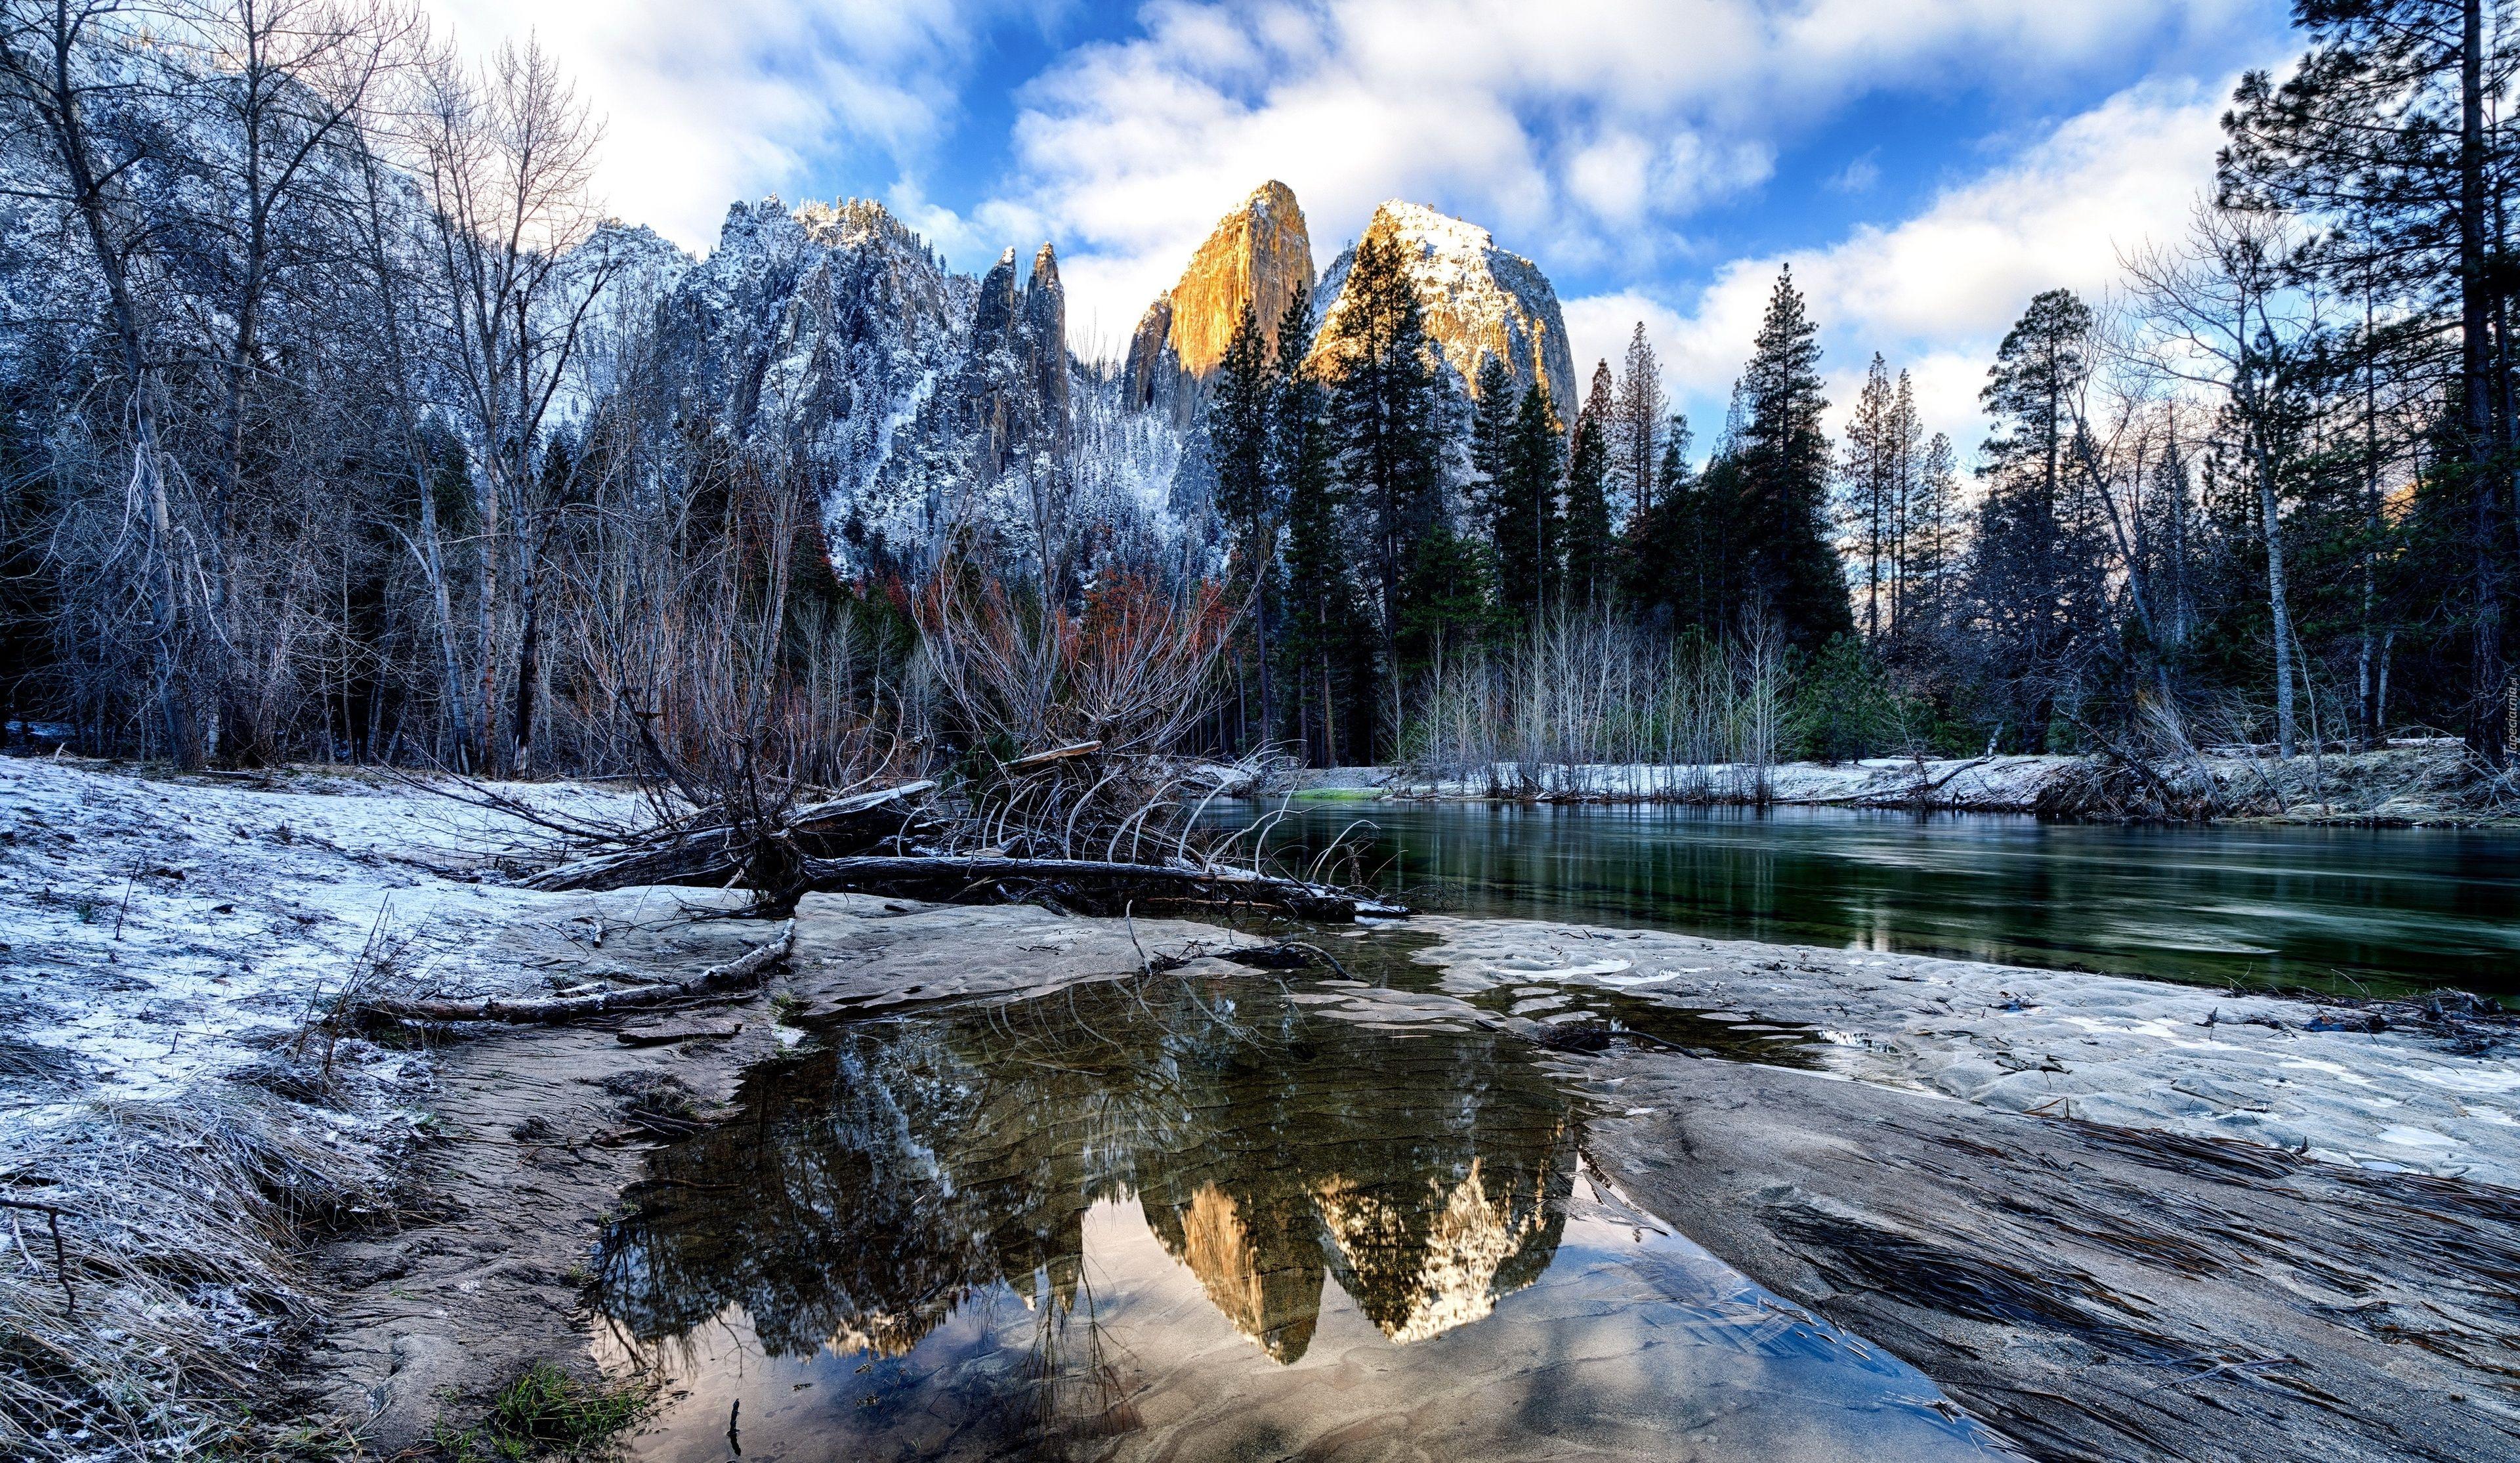 Stany Zjednoczone, Stan Kalifornia, Park Narodowy Yosemite